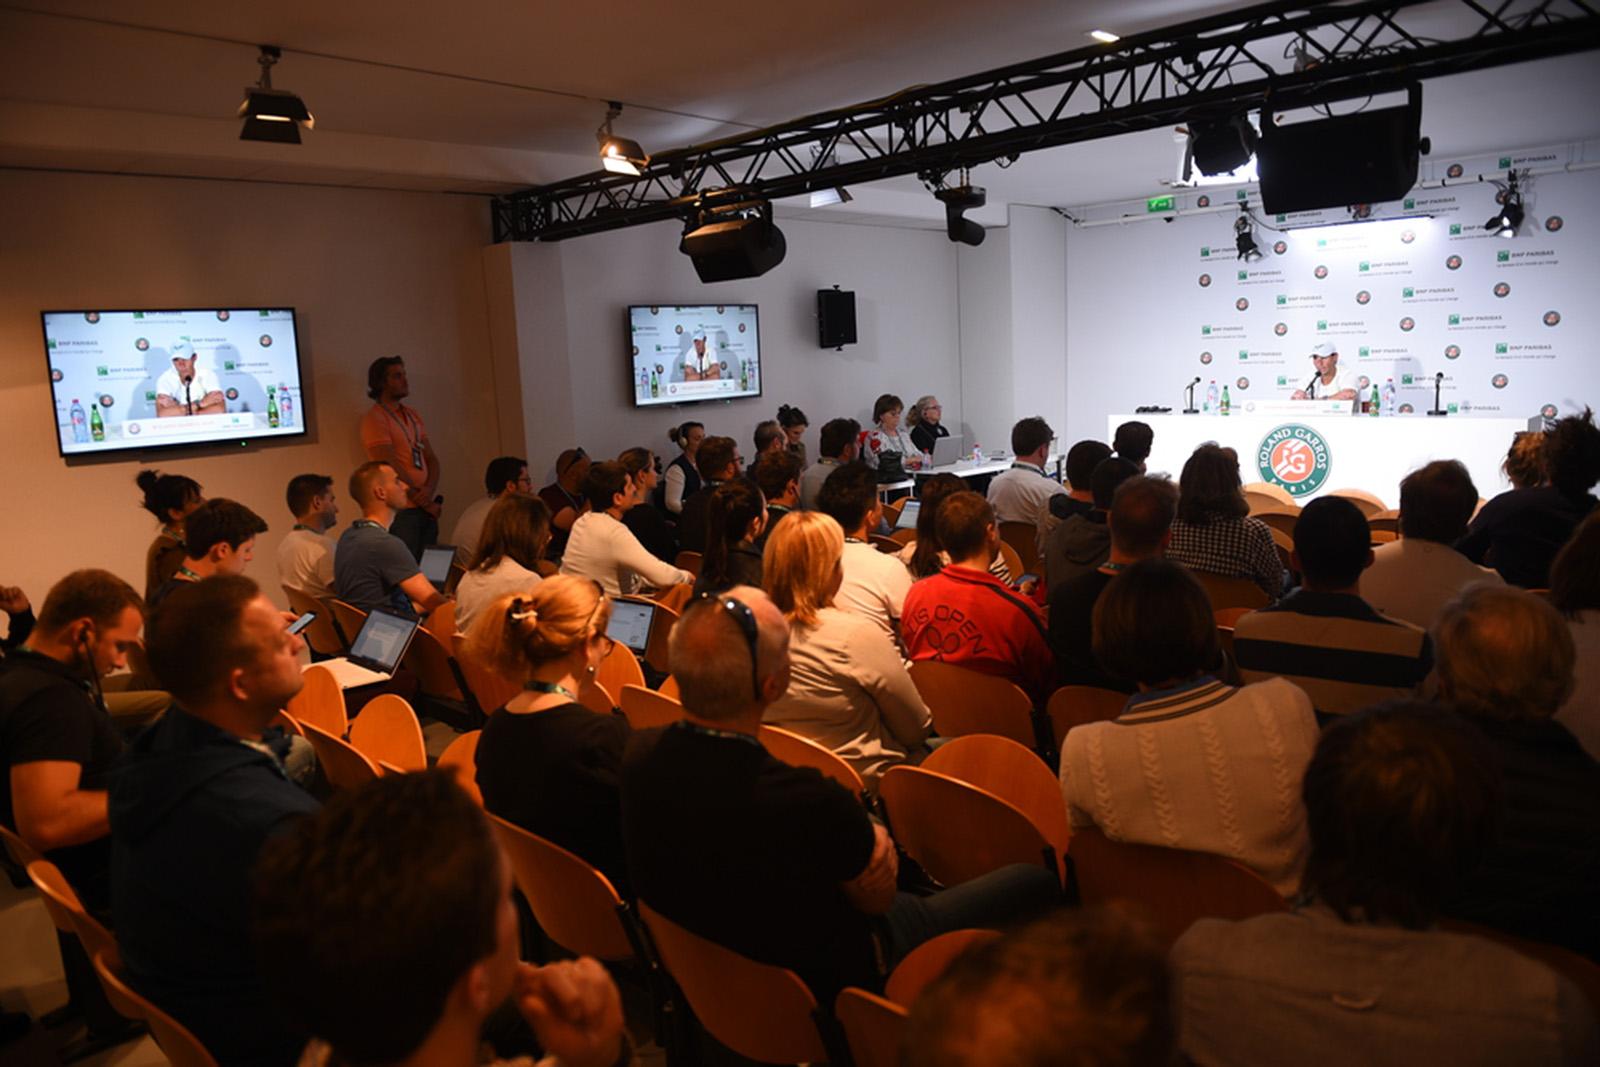 Rafael Nadal media day